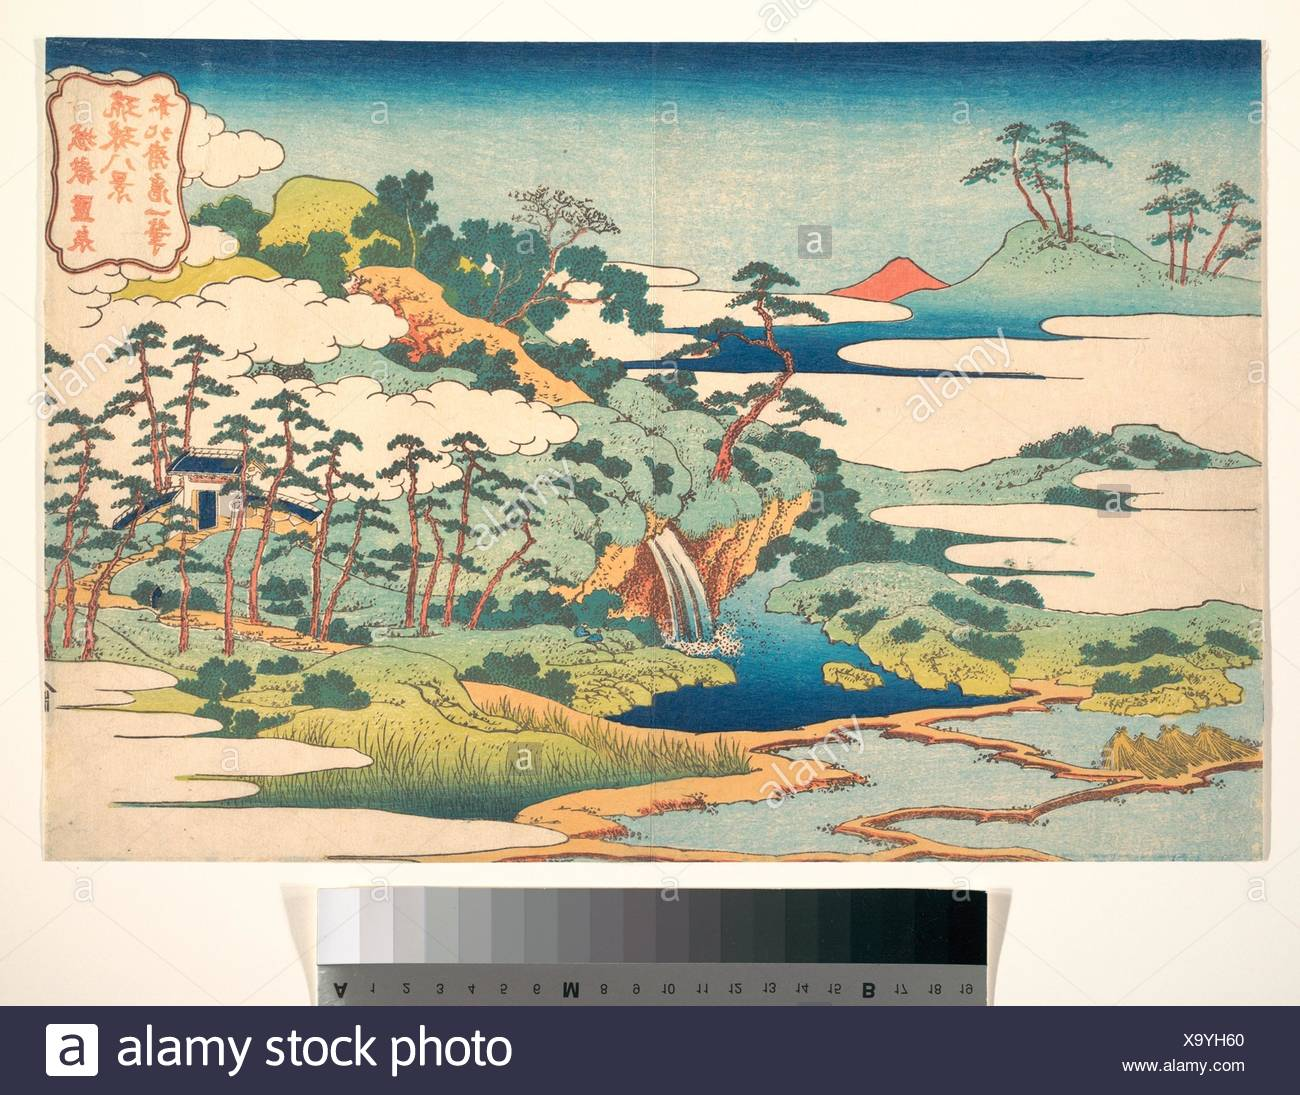 """Ç? ç?å?"""" ae?¯à ? ? å??å¶ ½éoe?ae³?/die Heilige Feder an der Jogaku Jogaku (Reisen), aus der serie Acht Ansichten der Ryukyu Inseln (Ryukyu hakkei). Artist: Stockbild"""